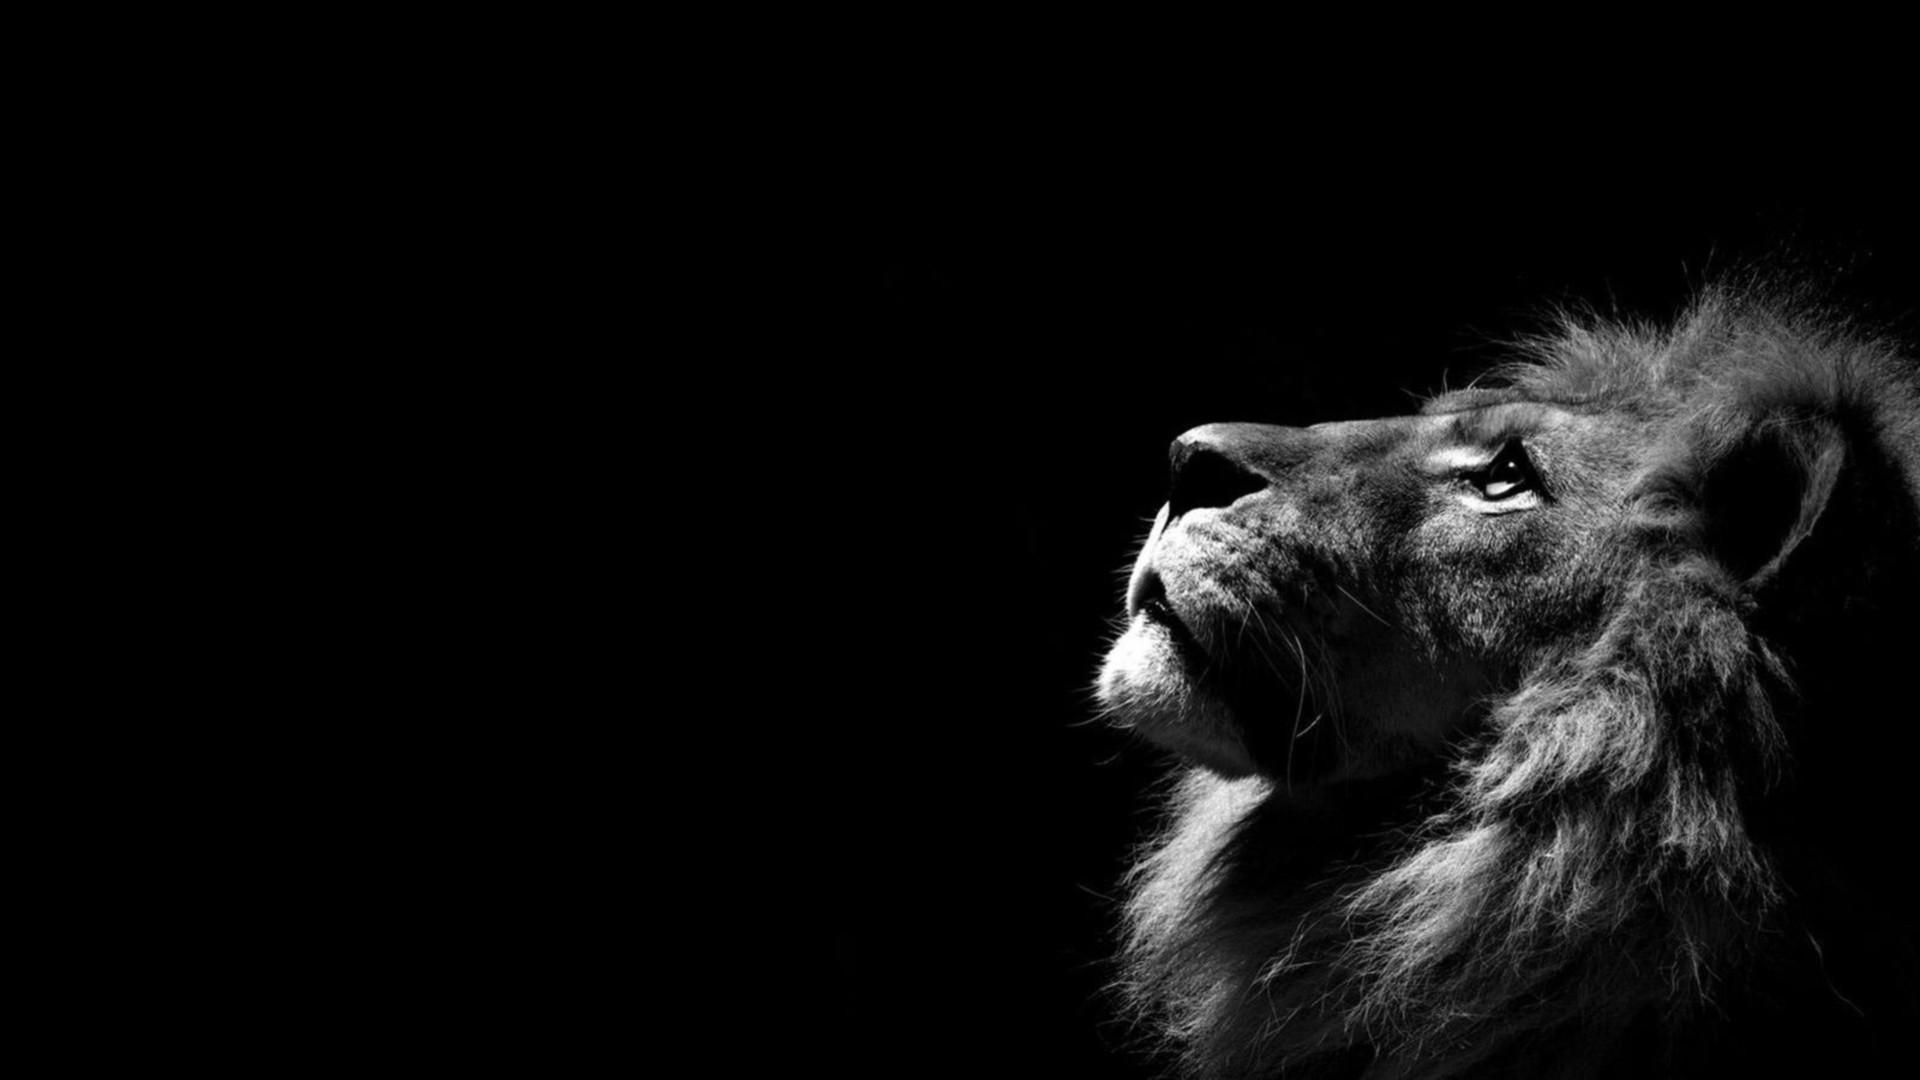 Res: 1920x1080, Lions Wallpaper